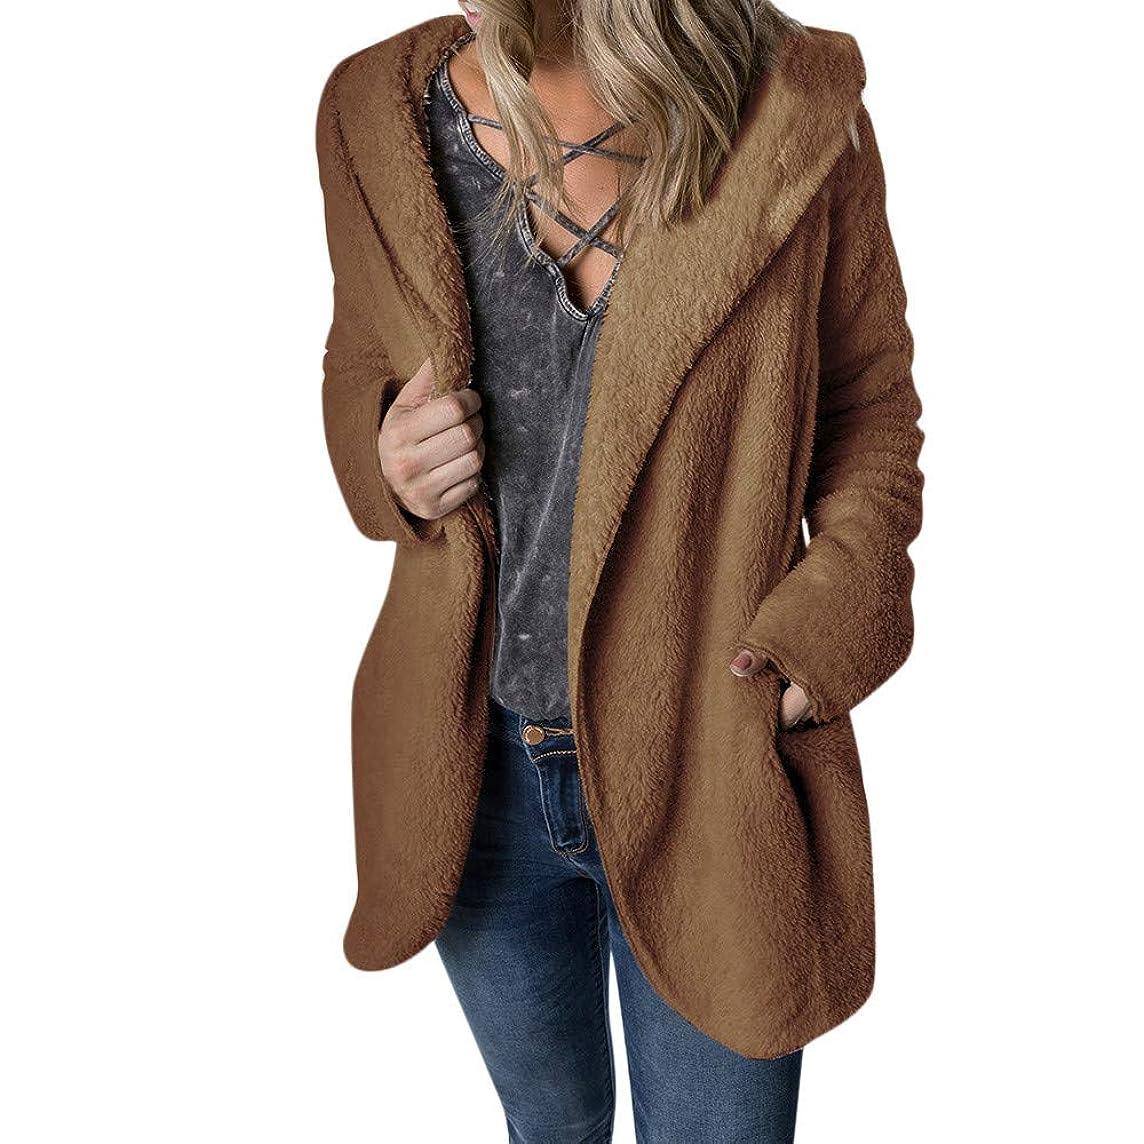 Winter Coat Keep Warm Outerwear Hoodie Faux Fur Coat Outwear Women